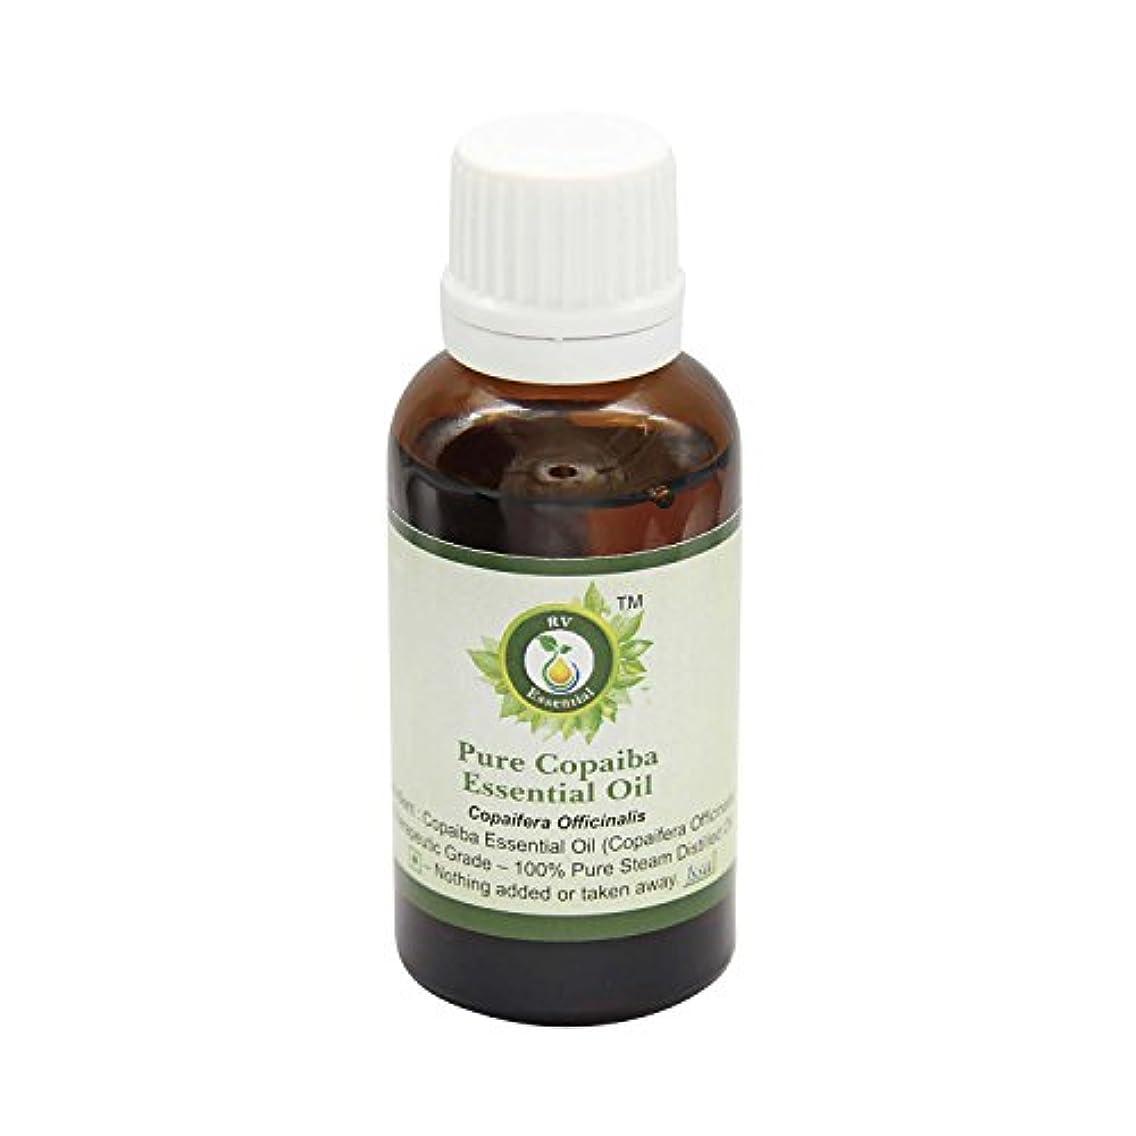 叙情的な流星パンチR V Essential ピュアコパイバエッセンシャルオイル15ml (0.507oz)- Copaifera Officinalis (100%純粋&天然スチームDistilled) Pure Copaiba Essential...